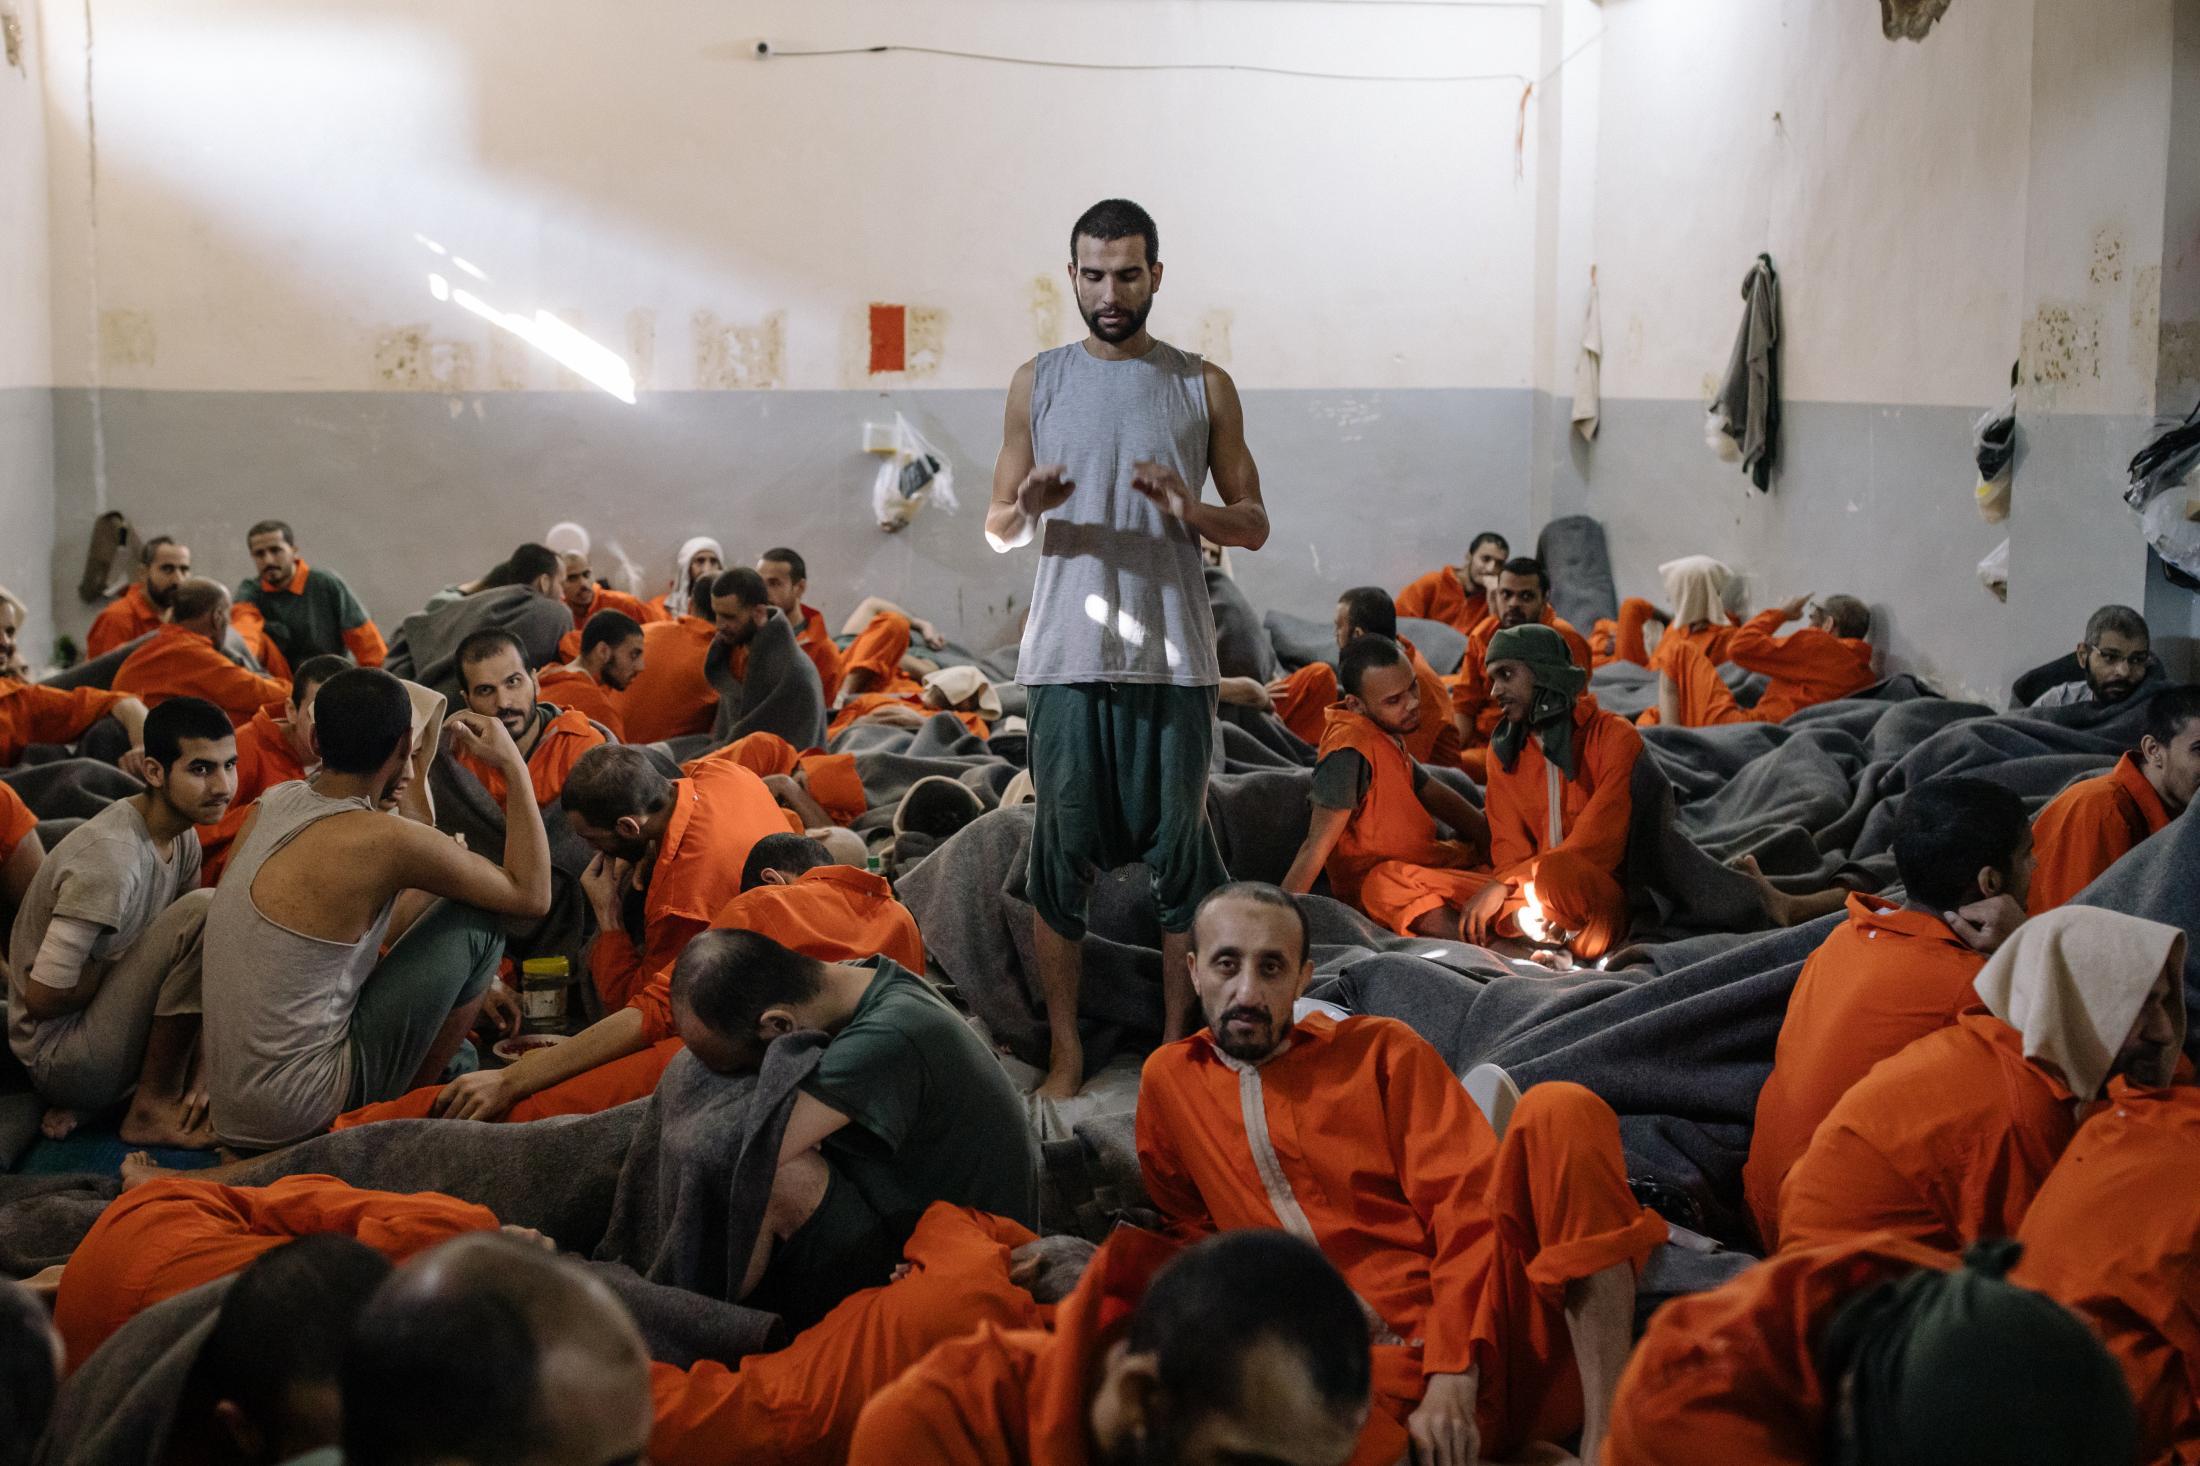 Le 30 octobre 2019, Hassake, nord est syrien. Envion 5000 prisonniers supposés membres de l'Etat islamique vivent dans cette université transformée en prison. Entre 100 et 200 détenus dans chaque salle de classe. La prison est ouverte depuis 4mois au moment de cette photo. Elle est surpeuplée. Les prisonniers sont considérés comme les plus radicaux et vivent dans des conditions difficiles. Dans l'une des pièces , un prisonnier prie.